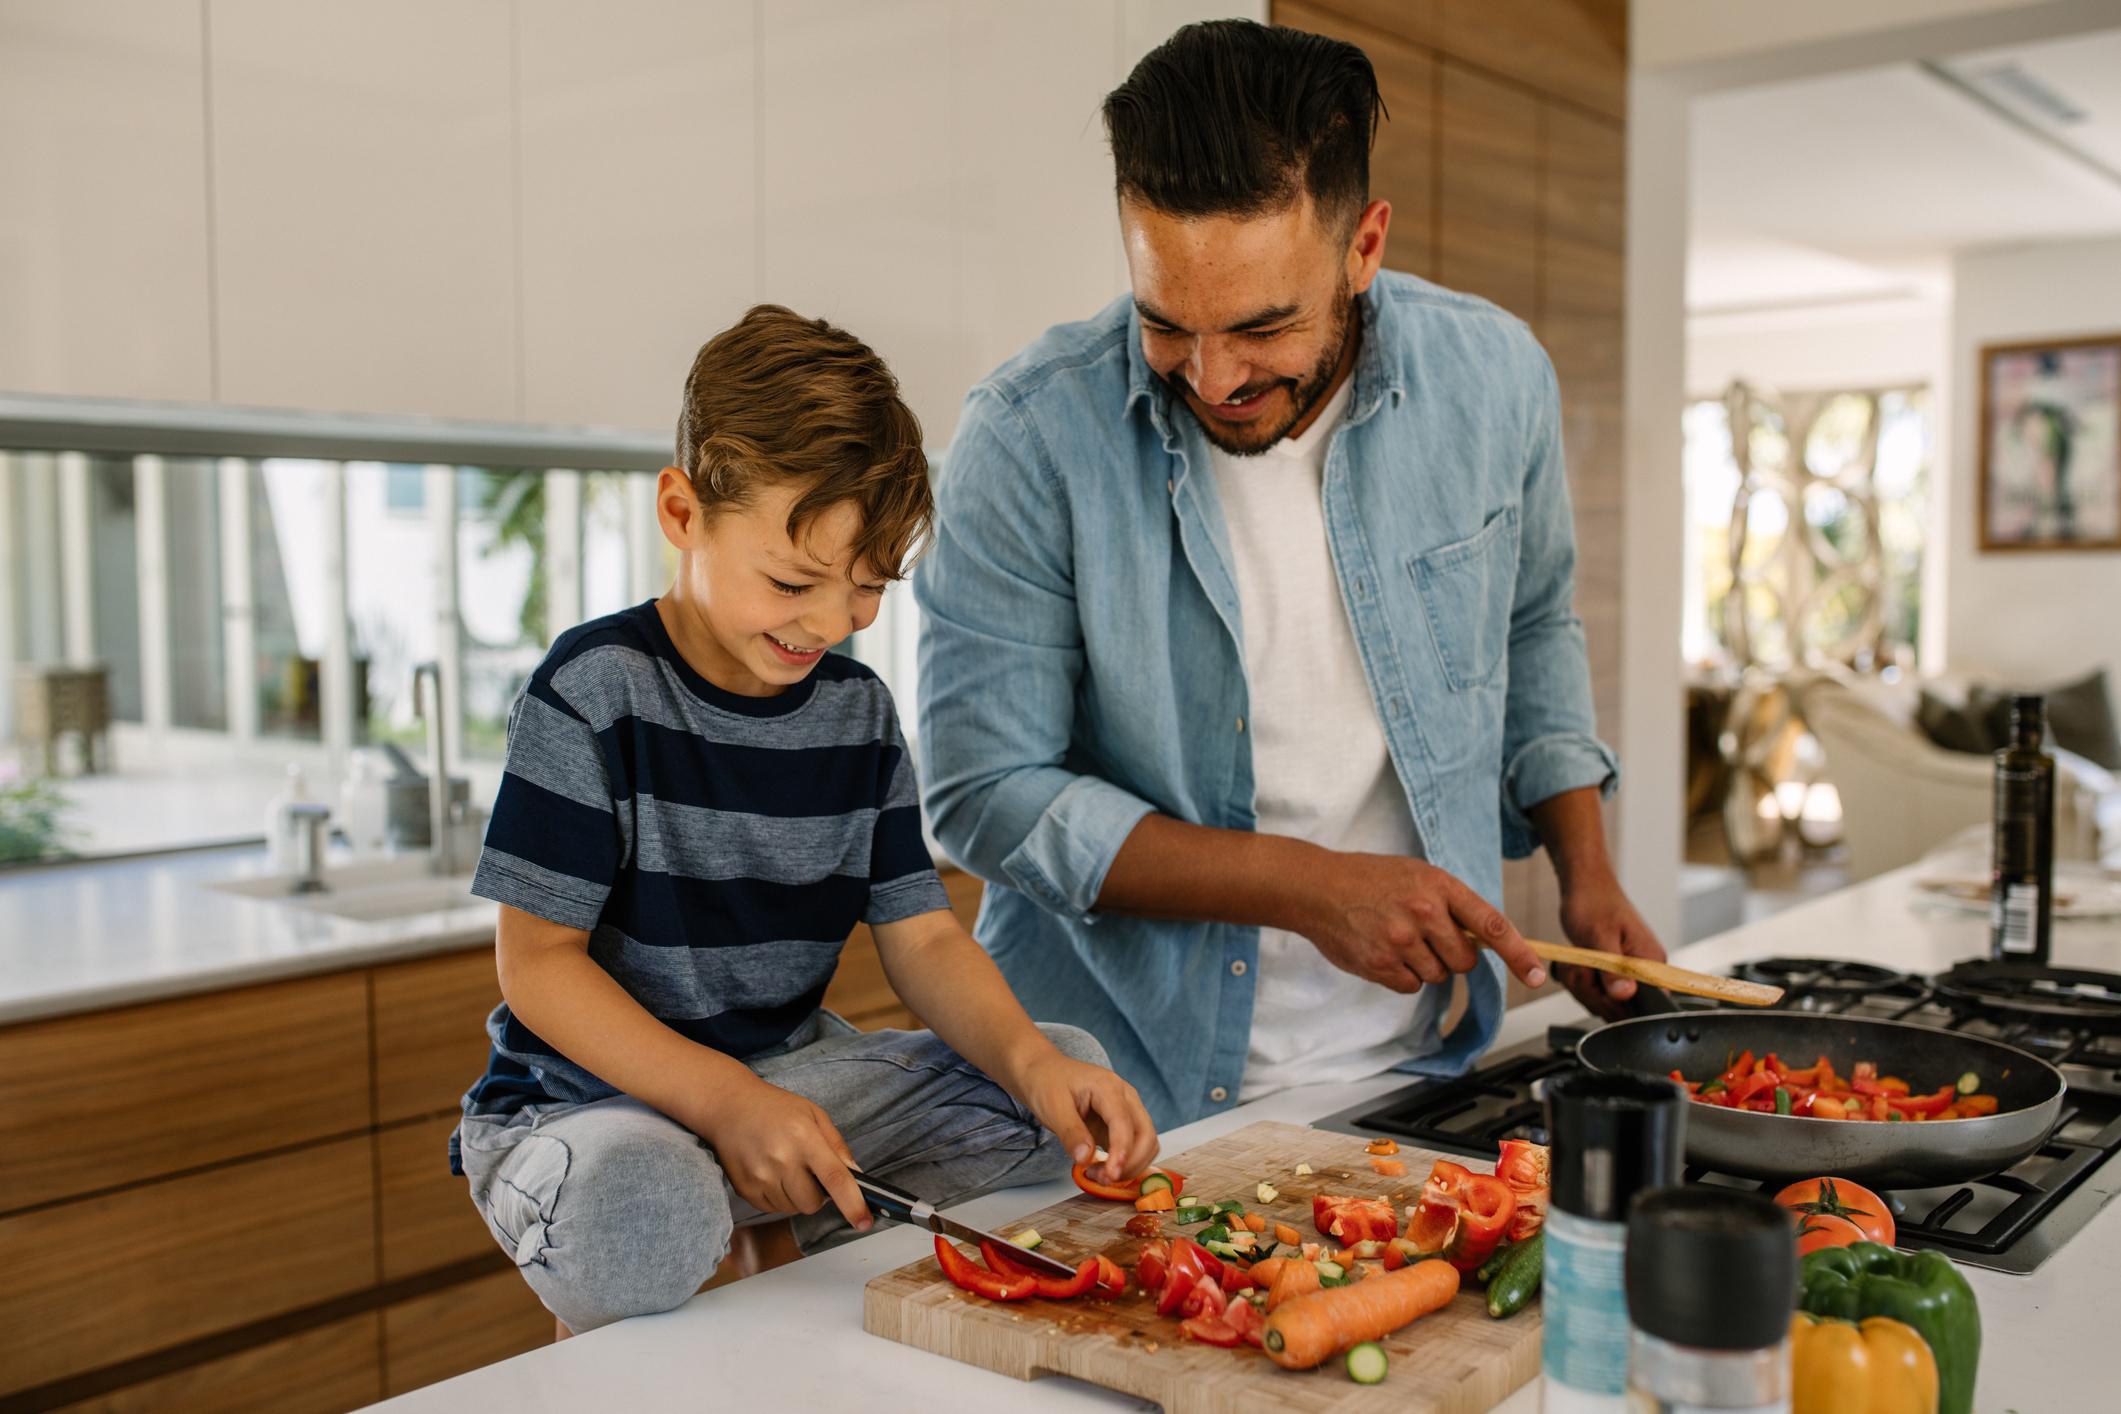 Familie kochen zusammen Würzburg